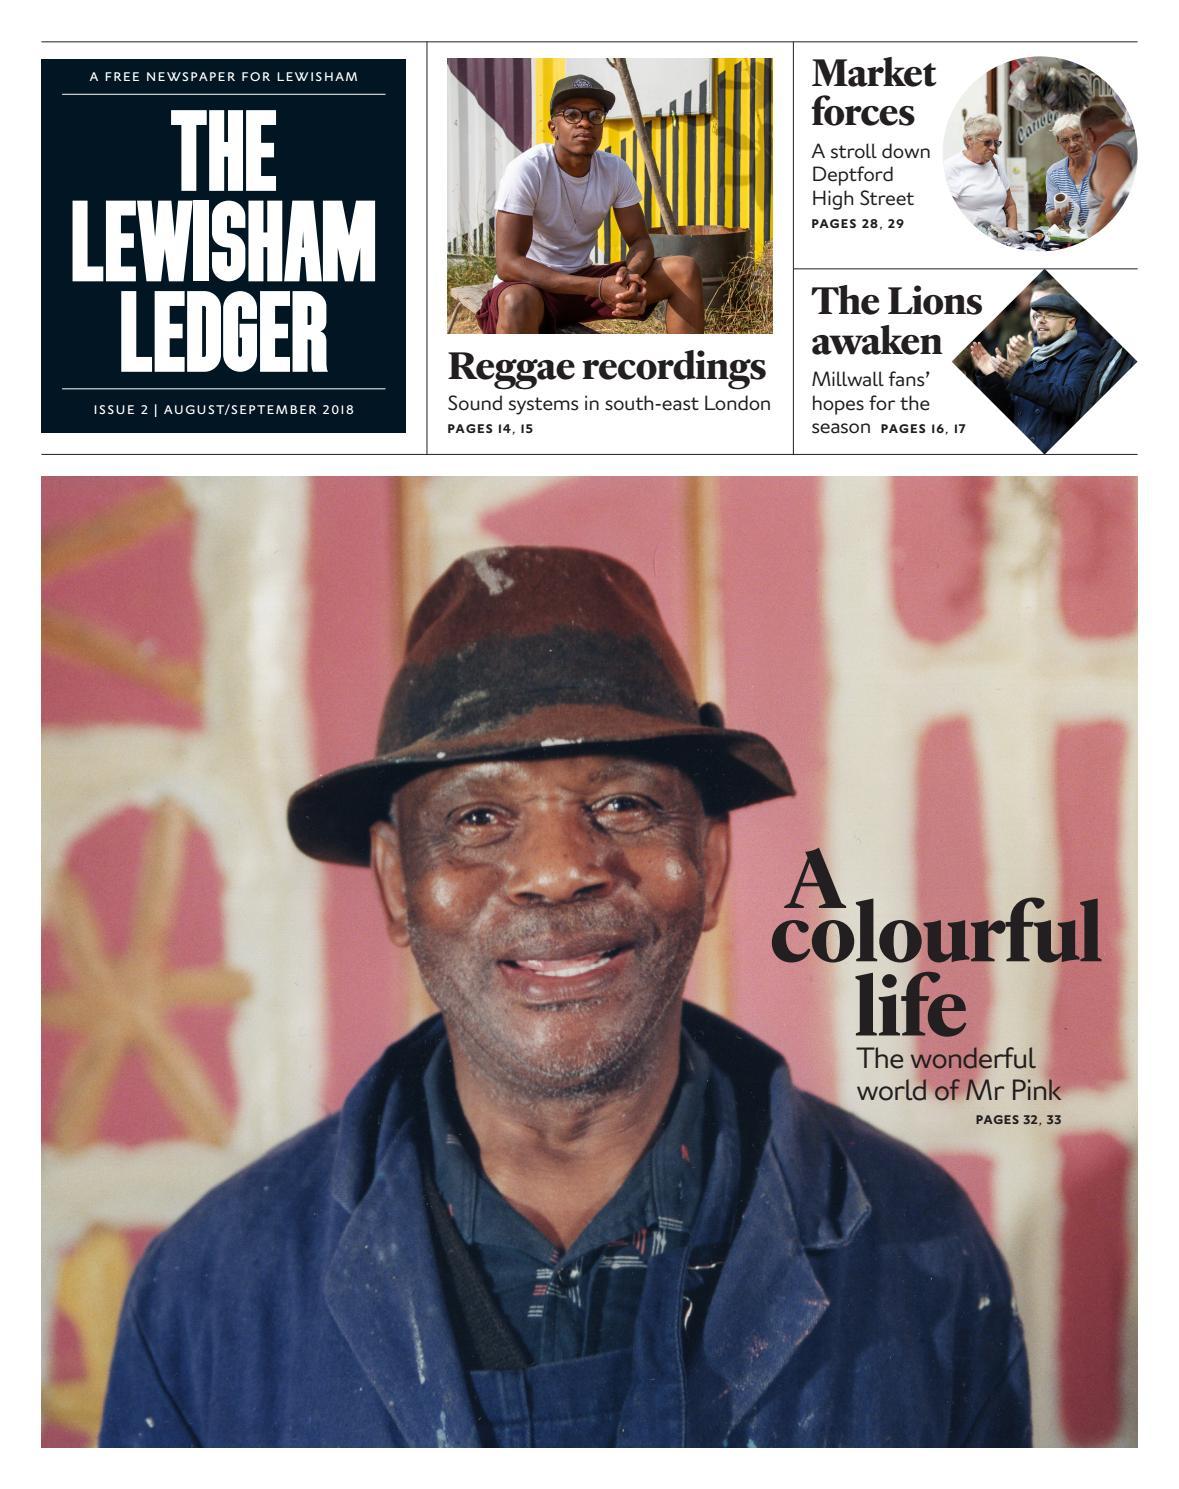 9fe2101ccc72e Issue 2 of The Lewisham Ledger by Lewisham Ledger - issuu